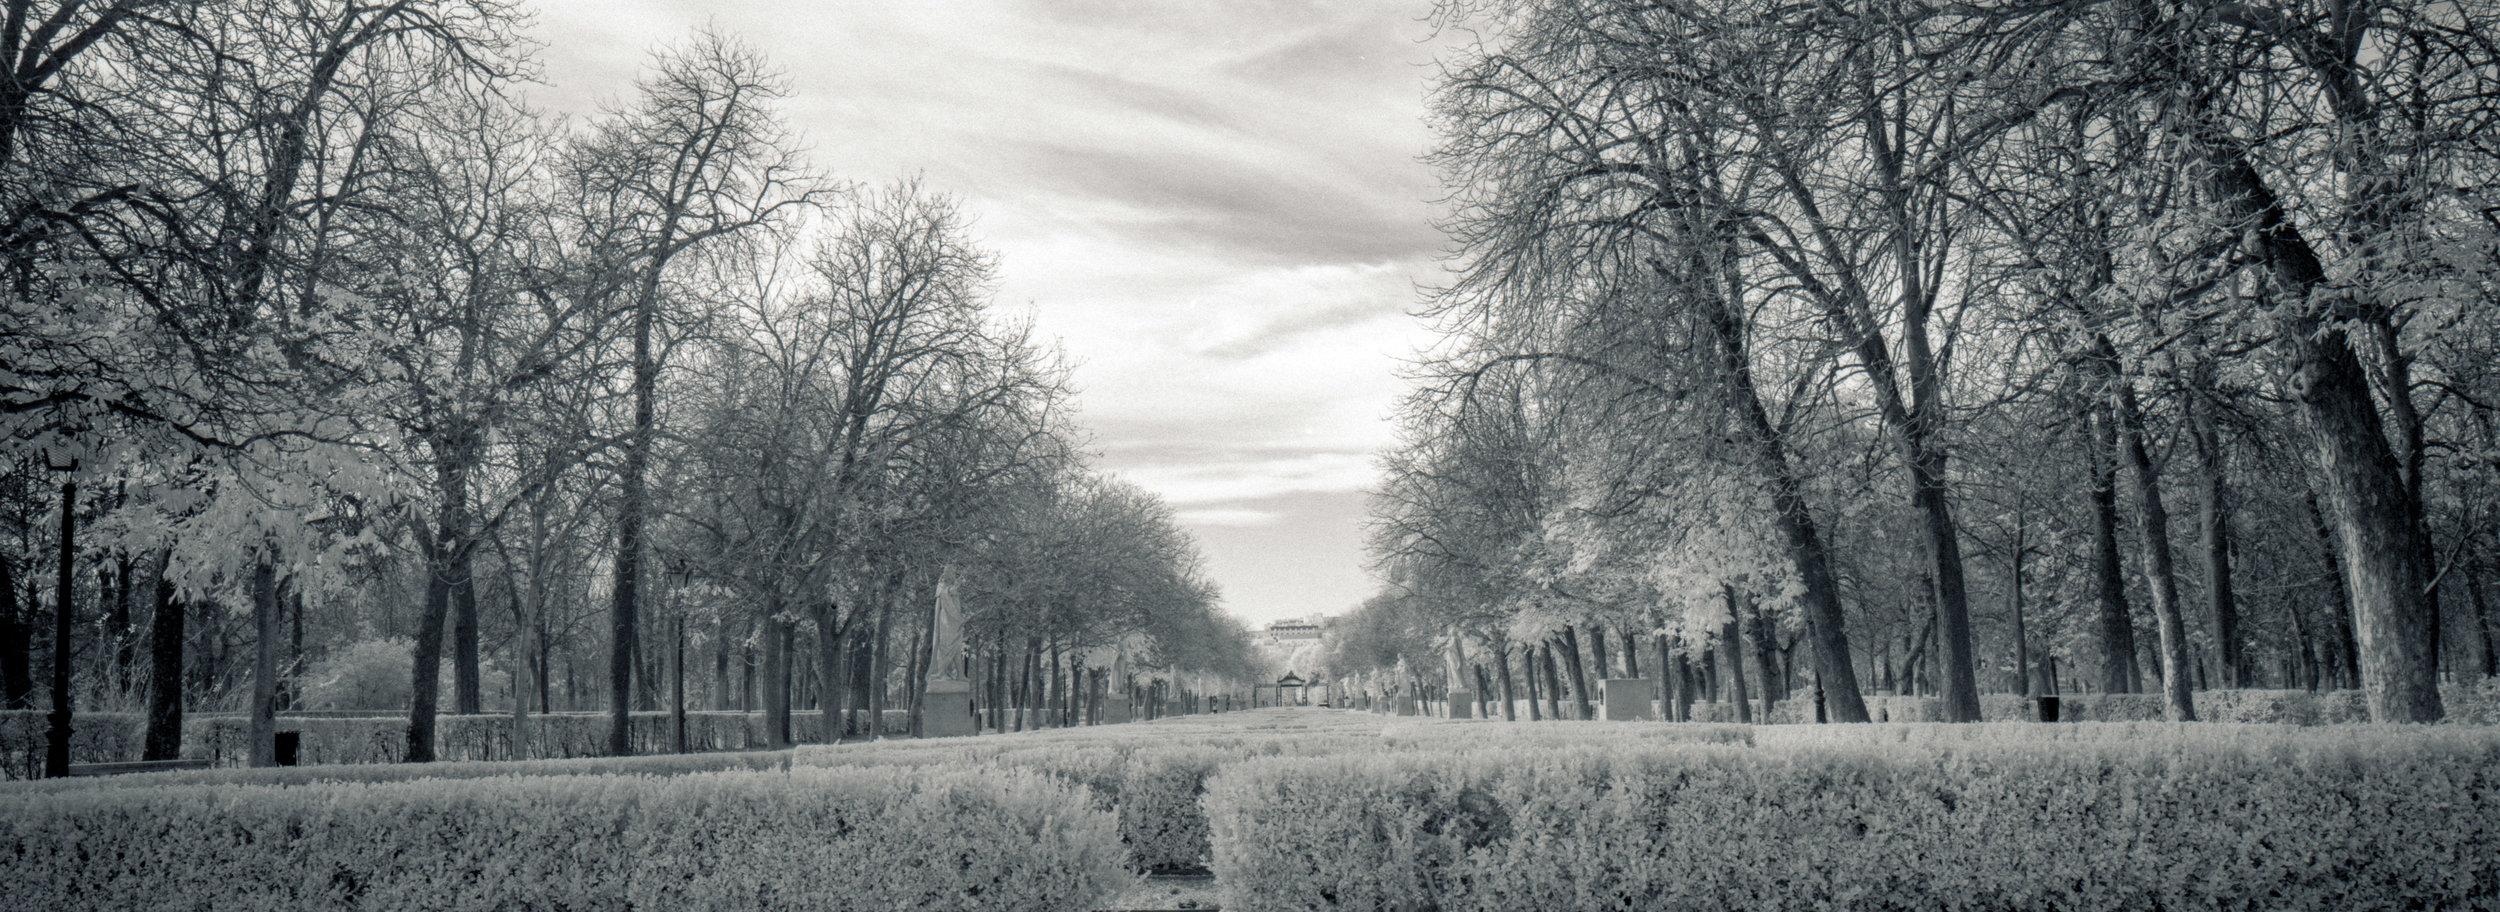 MadridInfrared13.jpg